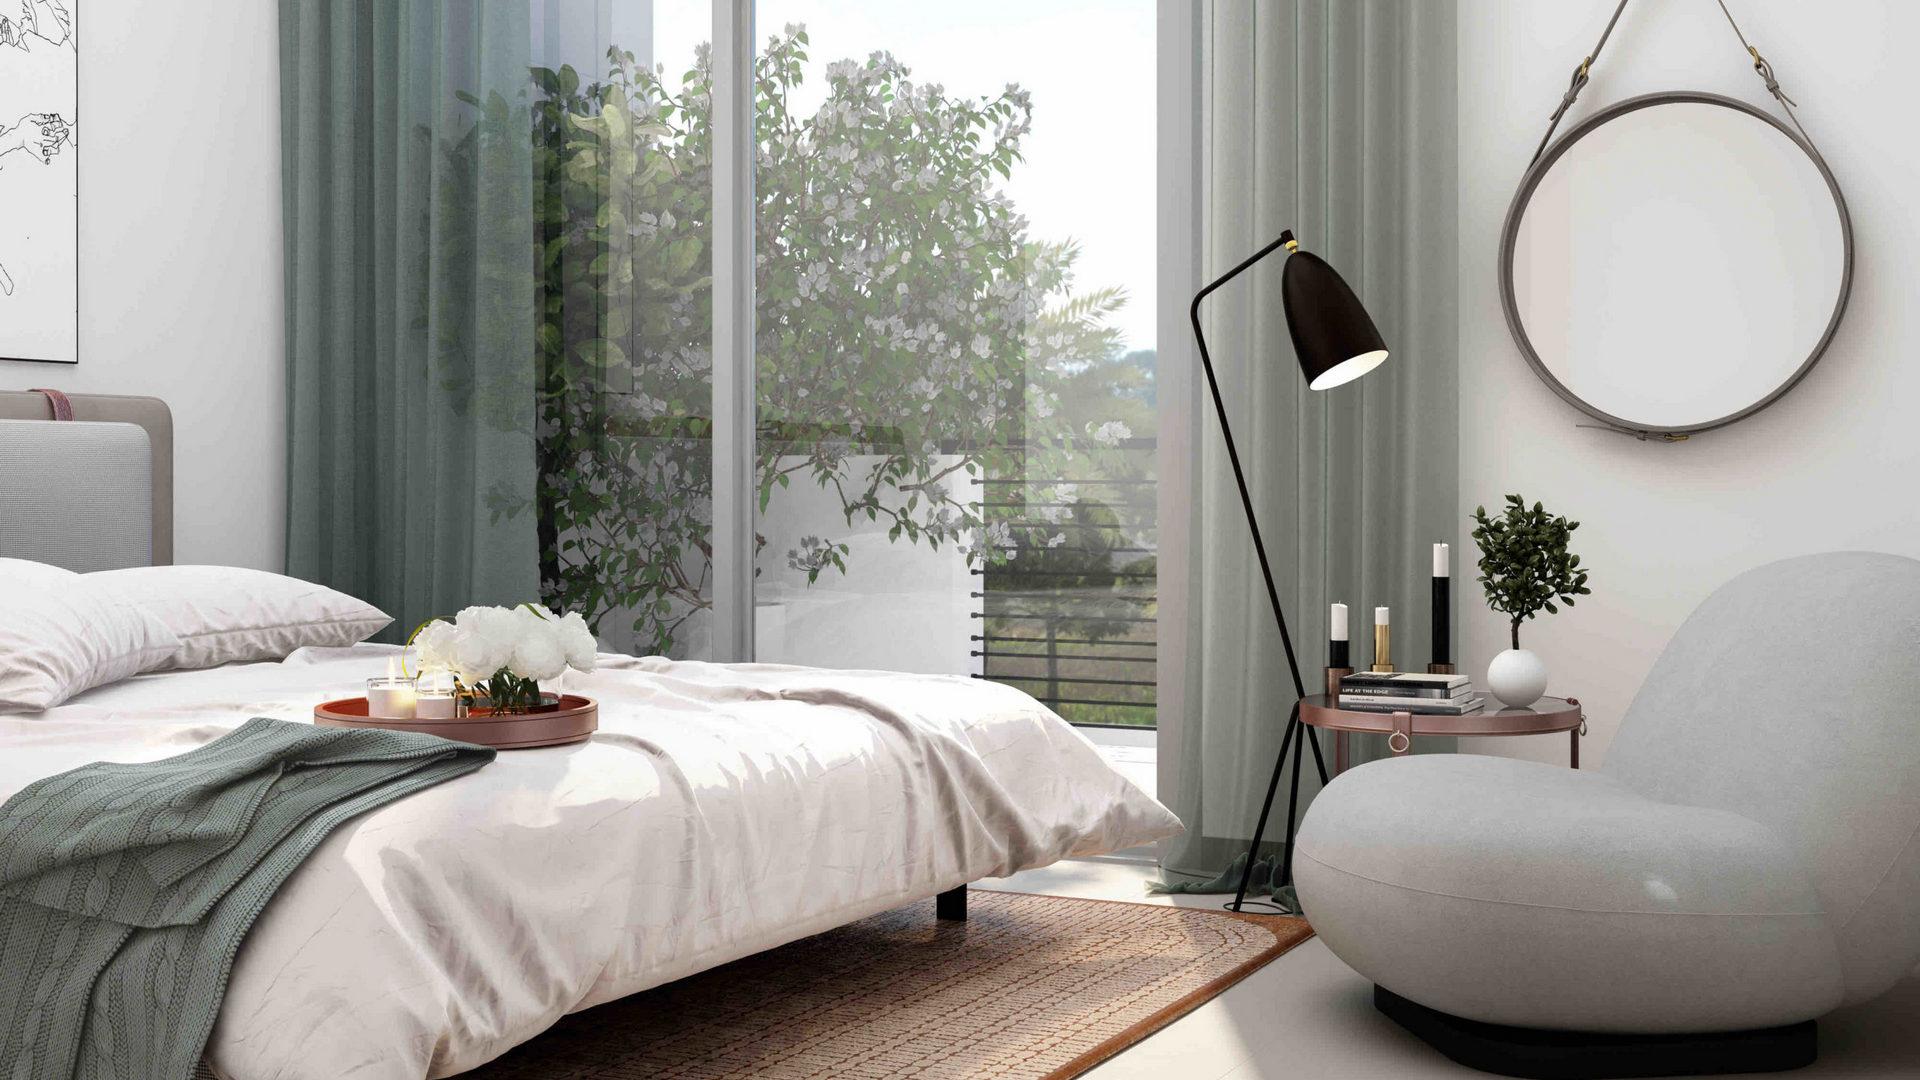 Adosado en venta en Dubai, EAU, 3 dormitorios, 181 m2, № 24043 – foto 1